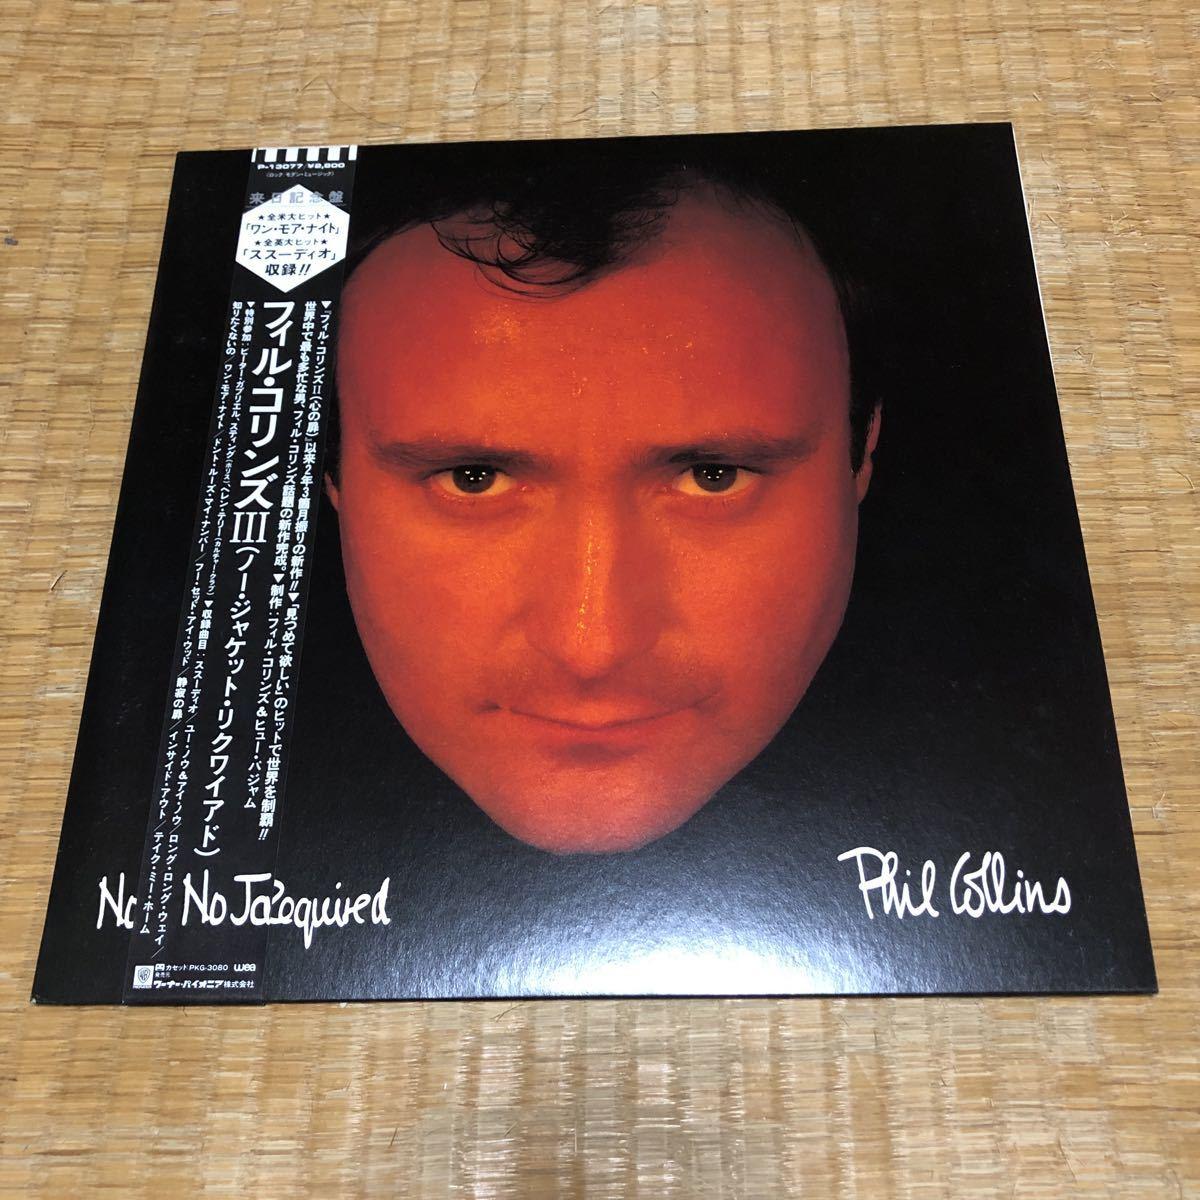 フィル・コリンズ ノー・ジャケット・リクワイアド 国内盤帯付きレコード_画像1